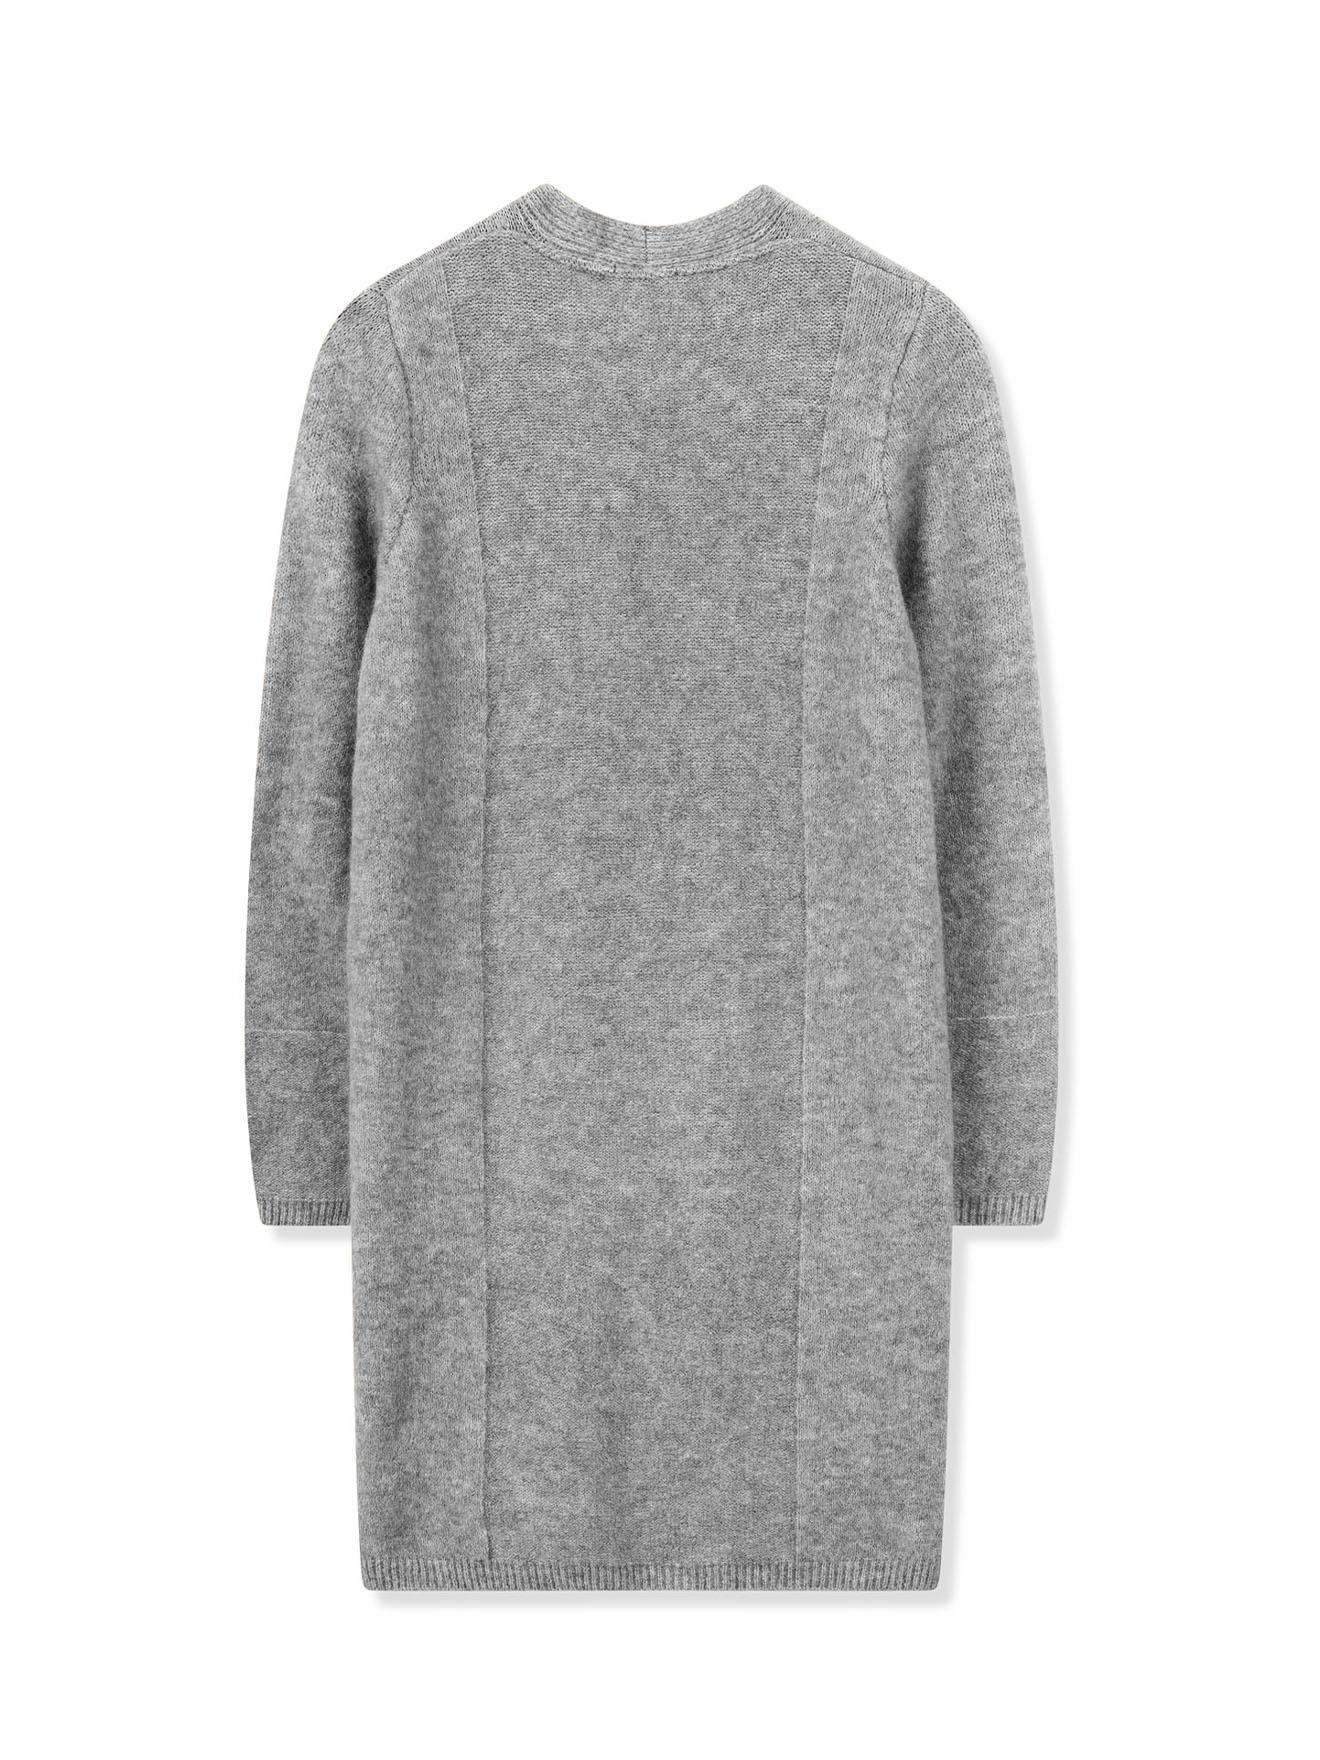 alchemist-fashion-winter_A02-HK0284_A86_back (1)